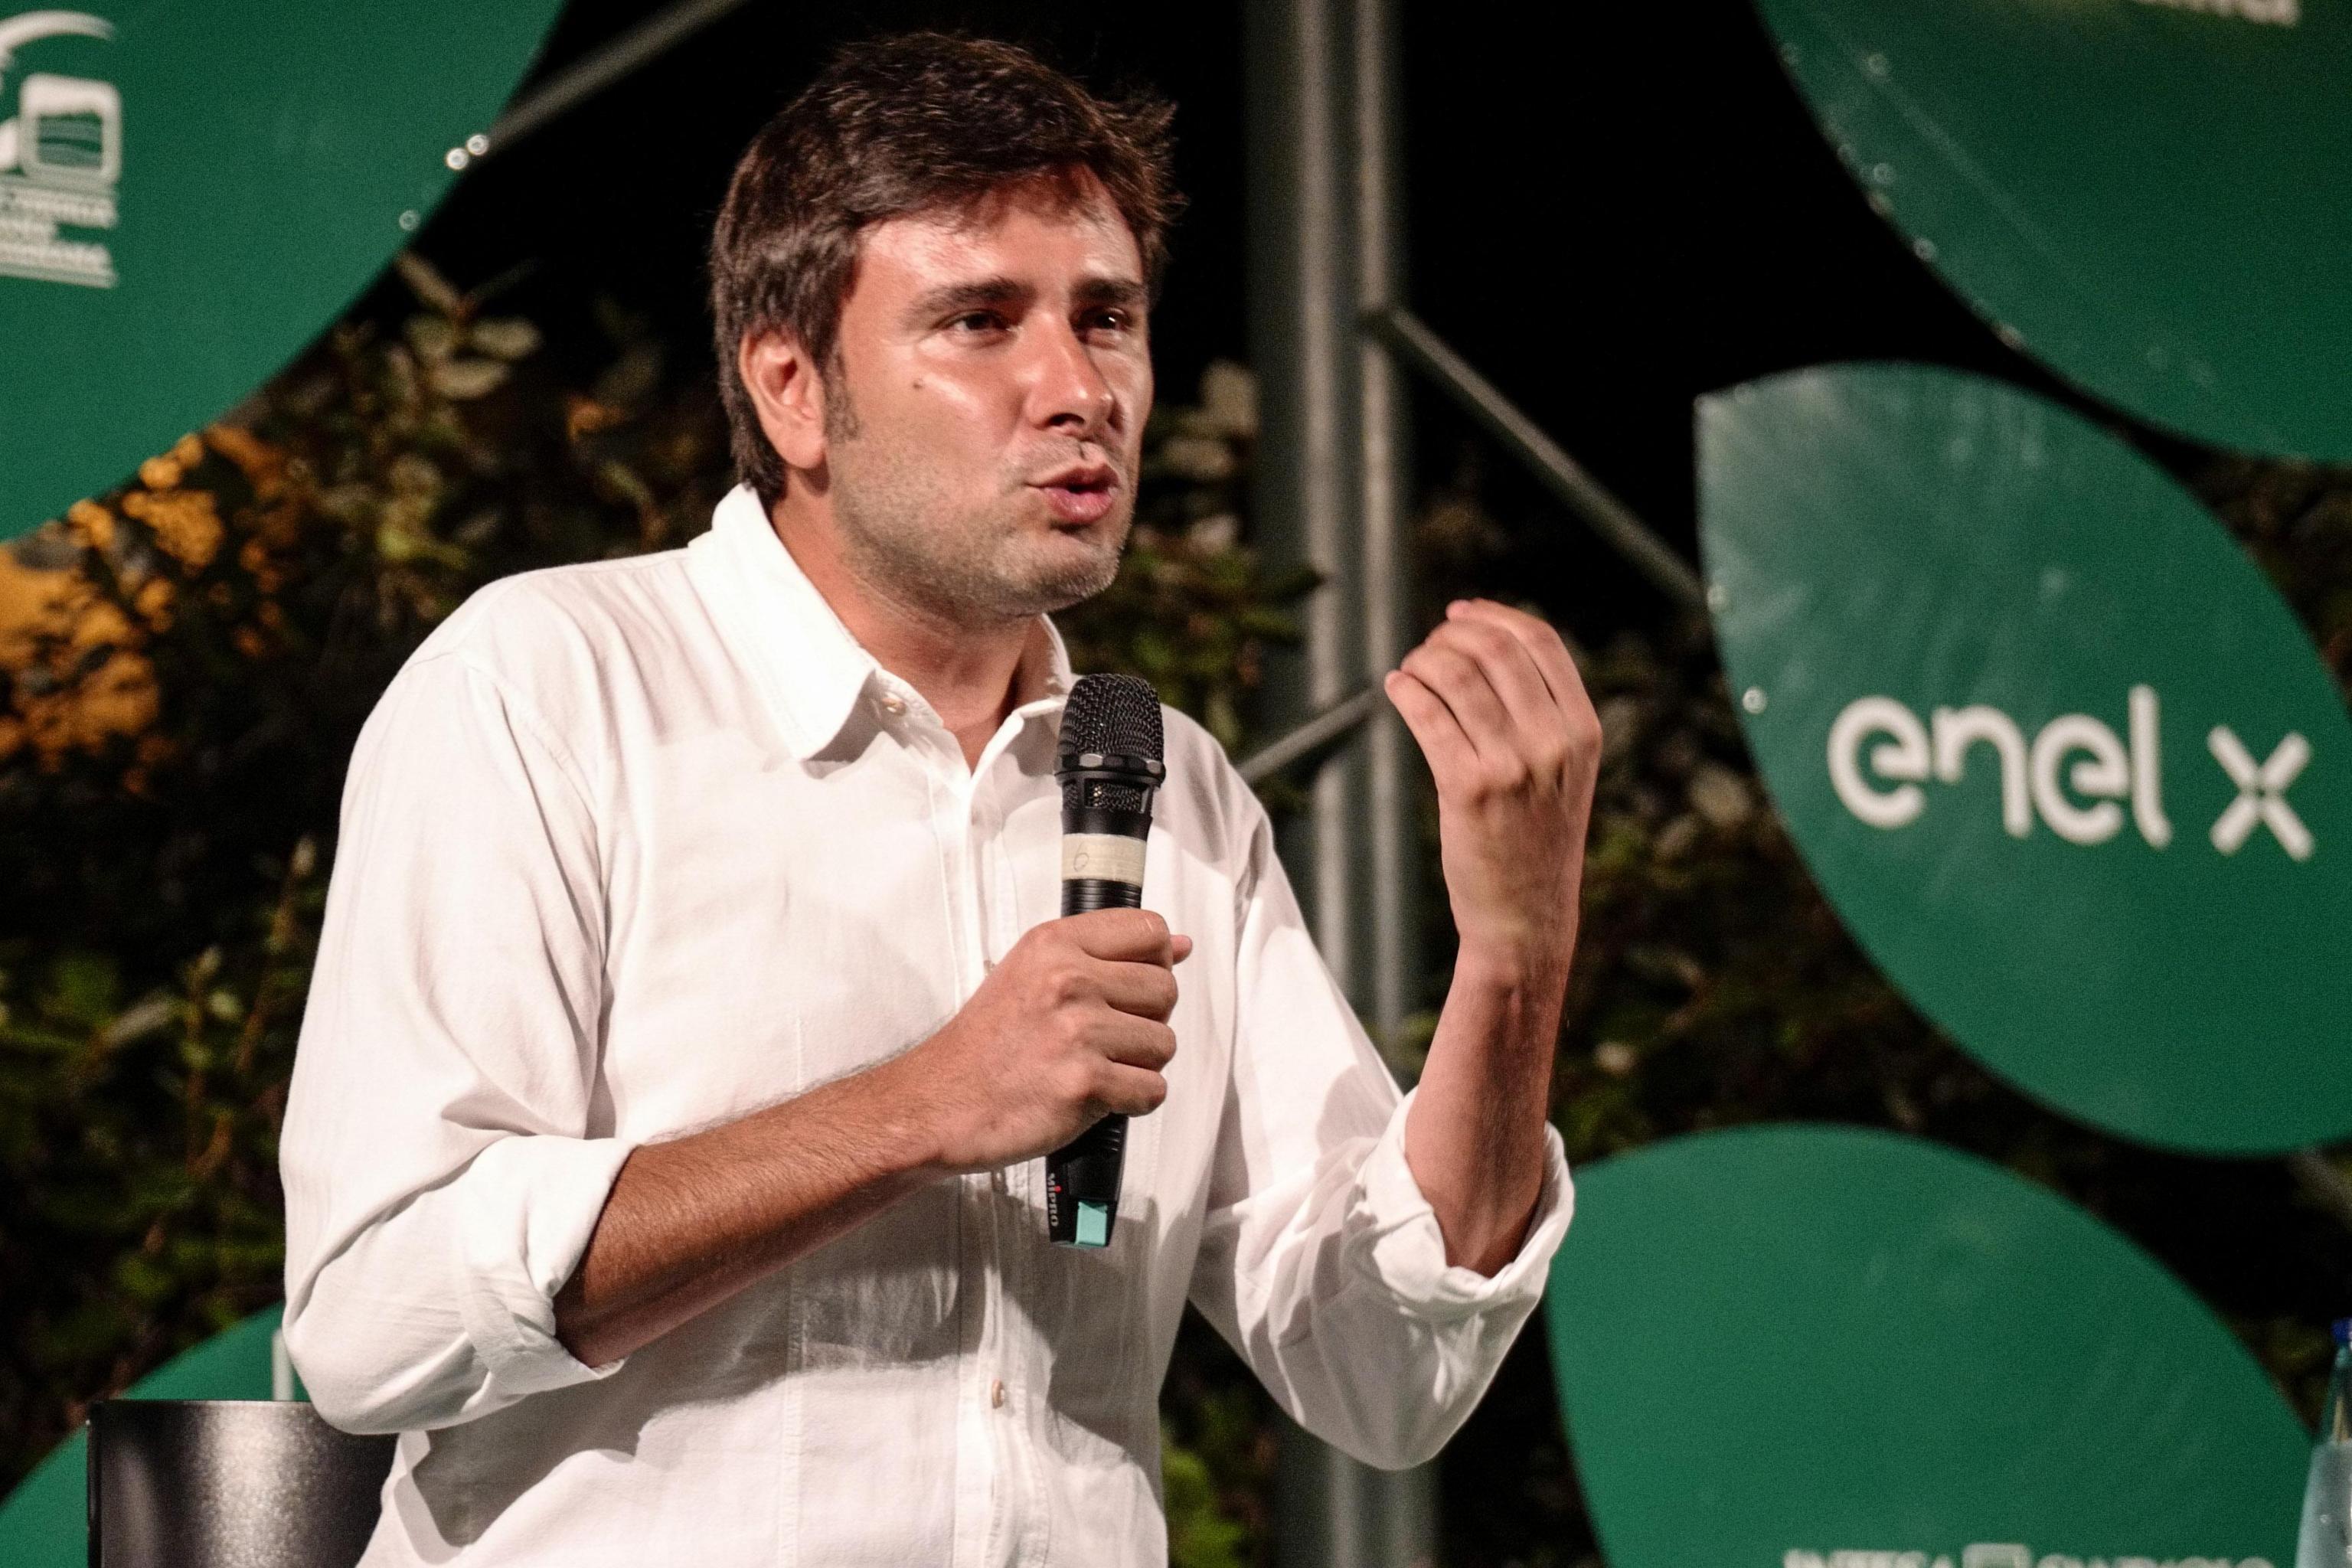 Disposti a tutto pur di evitare Renzi |  Di Battista apre ai «costruttori» |  esclusi gli Udc |  si guarda a Forza Italia  O al voto